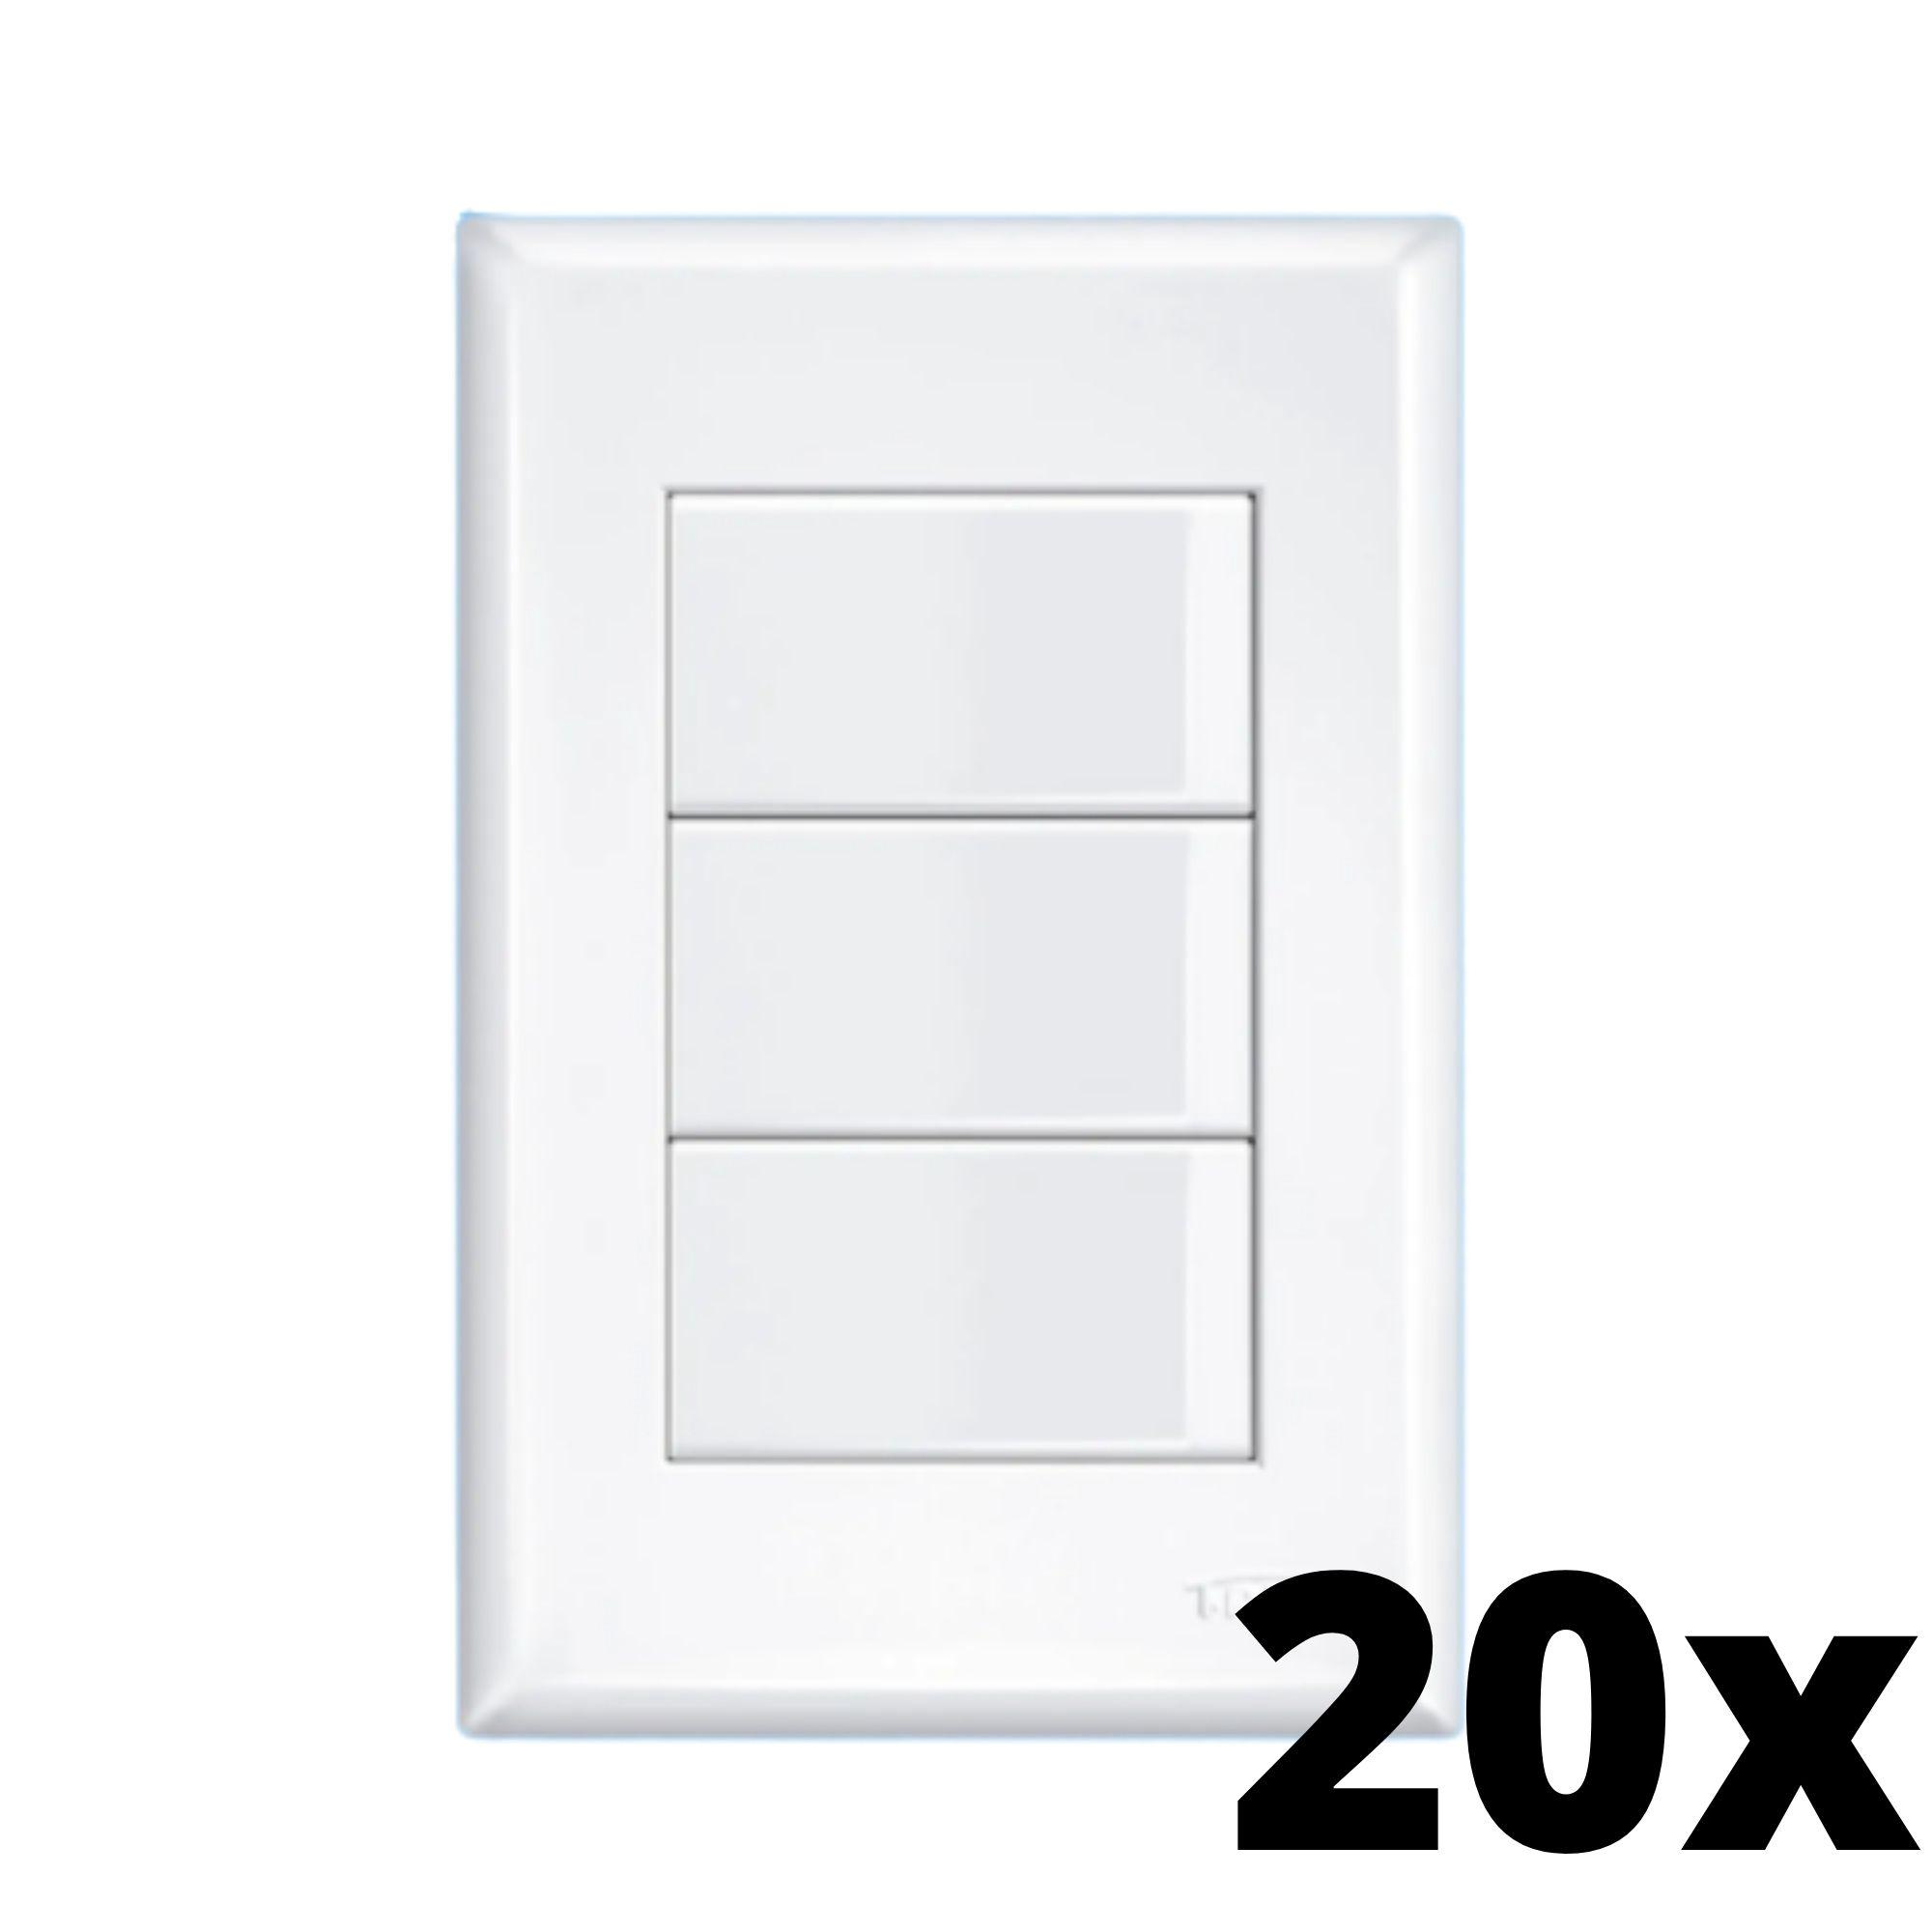 Kit 20 und Evidence 3 Seções de Interruptor Simples Com Placa